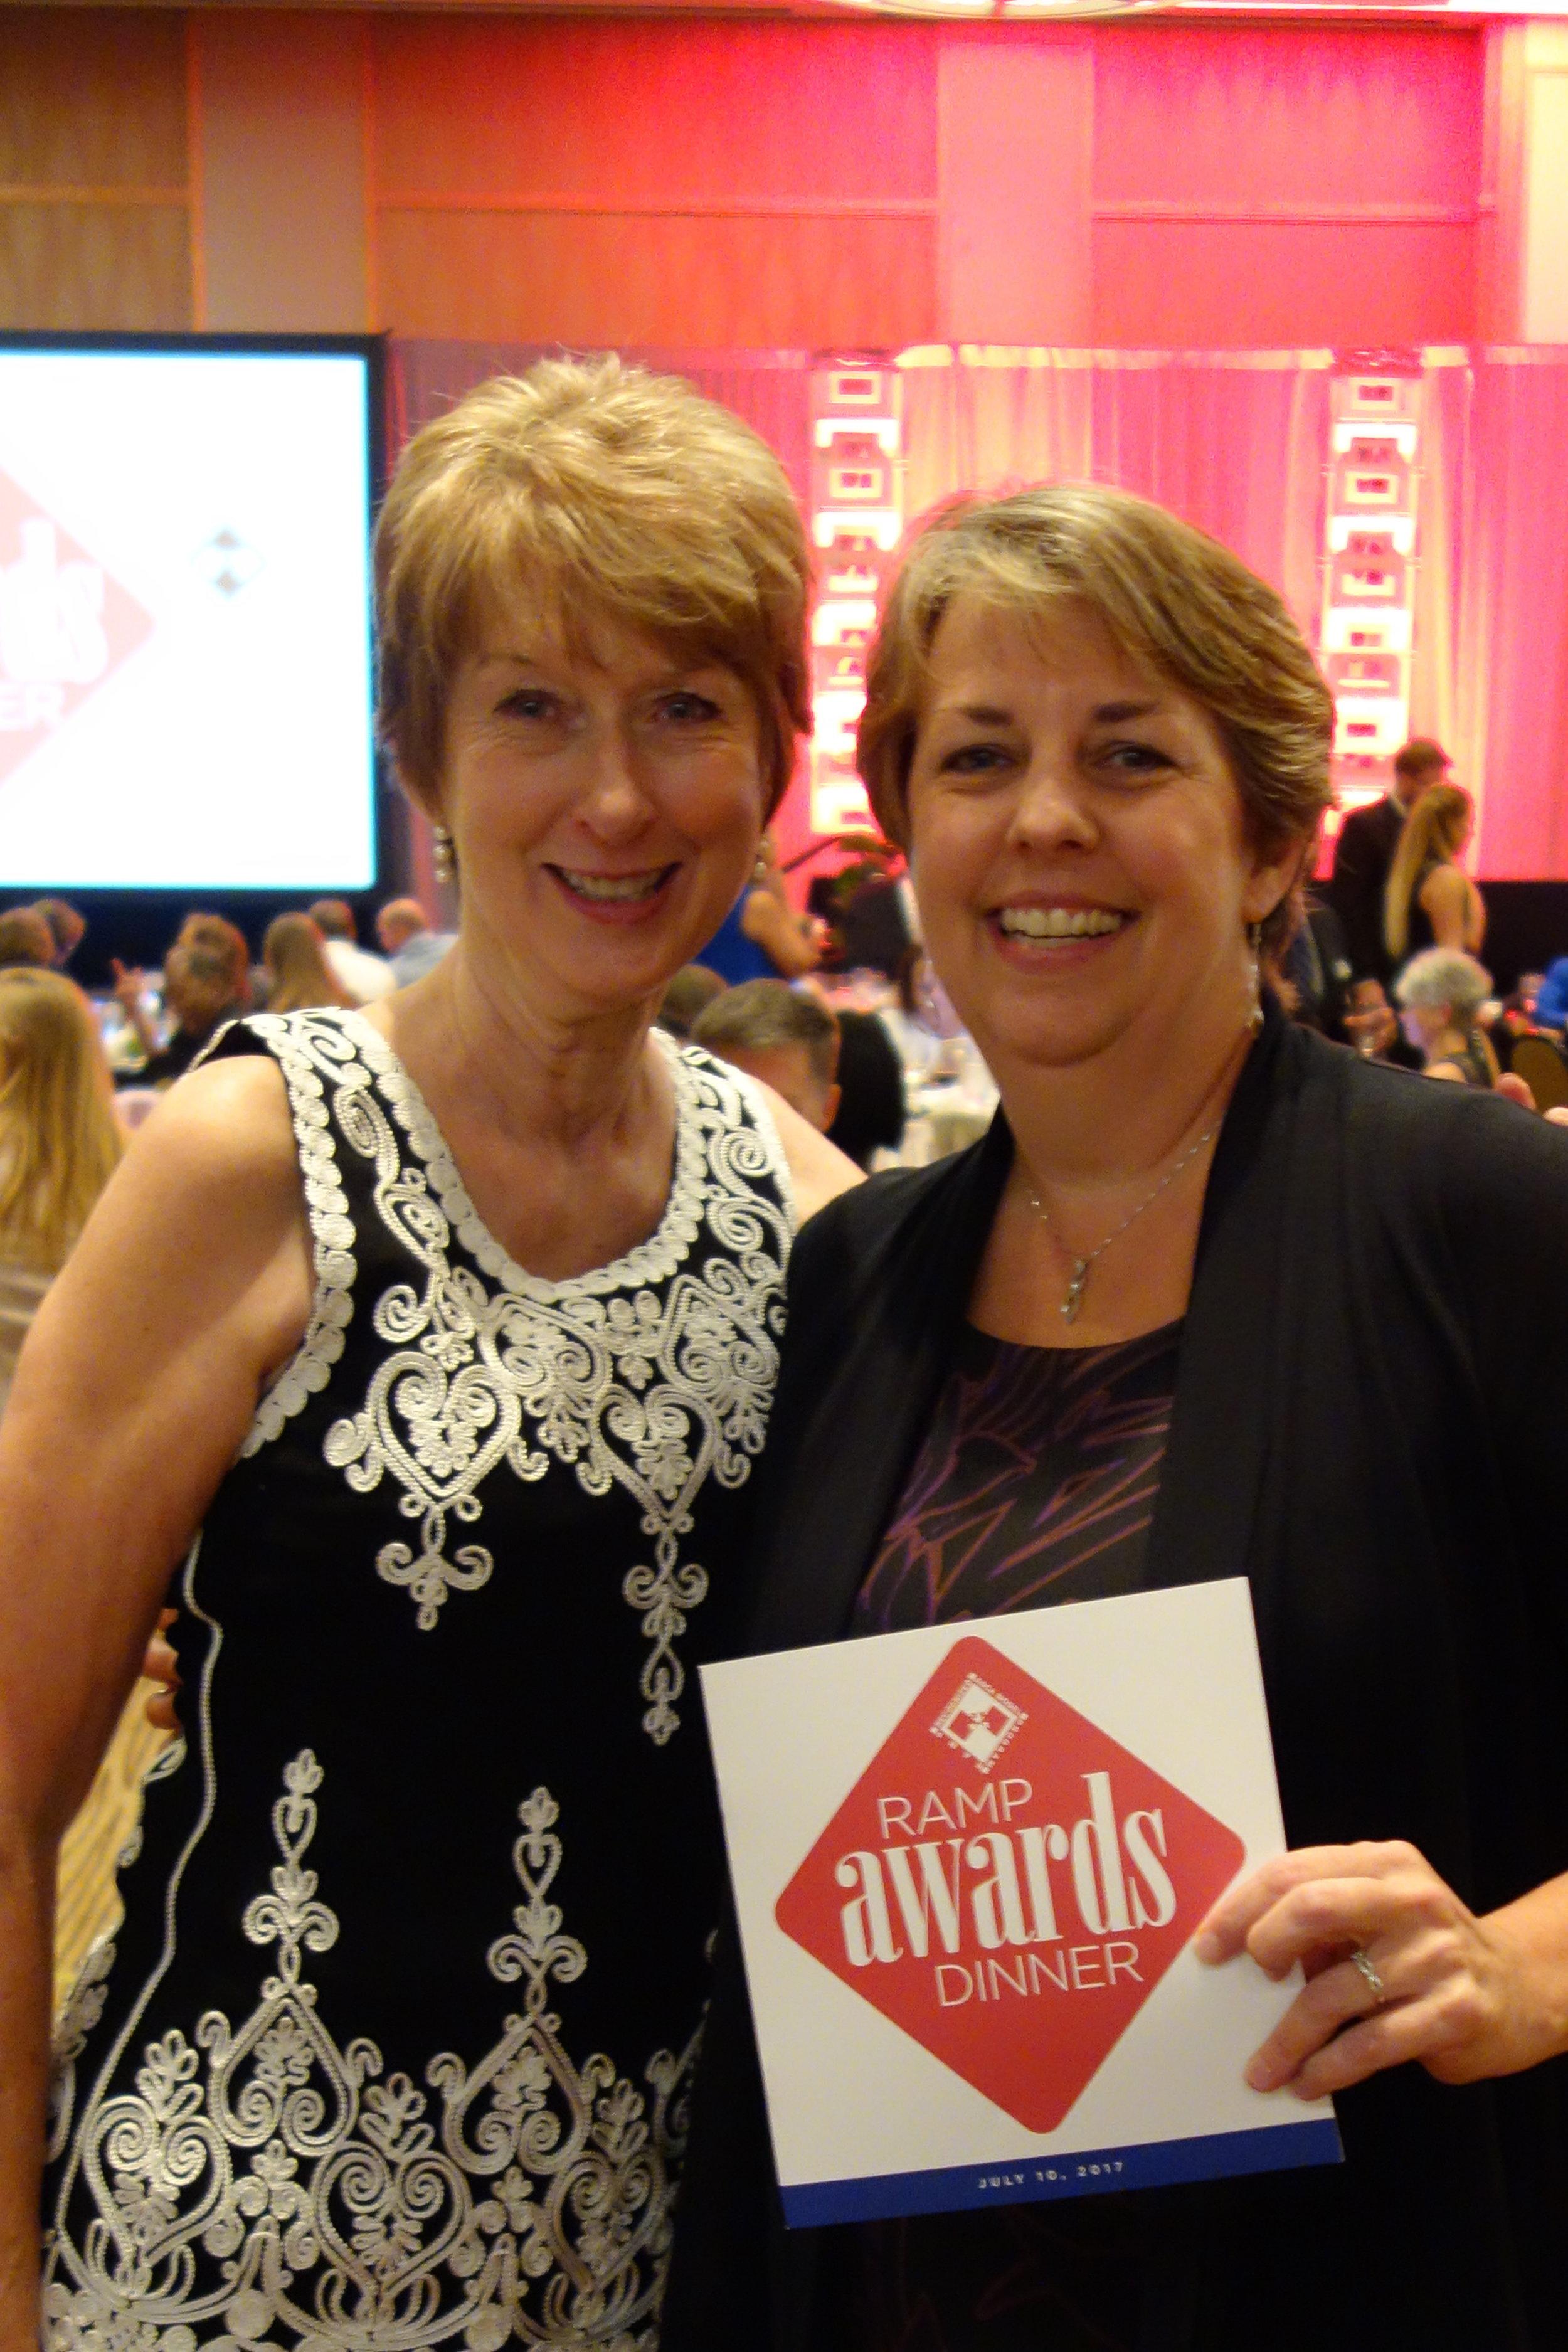 Derhonda Ross and Julie Hartline at RAMP Awards Dinner, ASCA 2017 National Conference